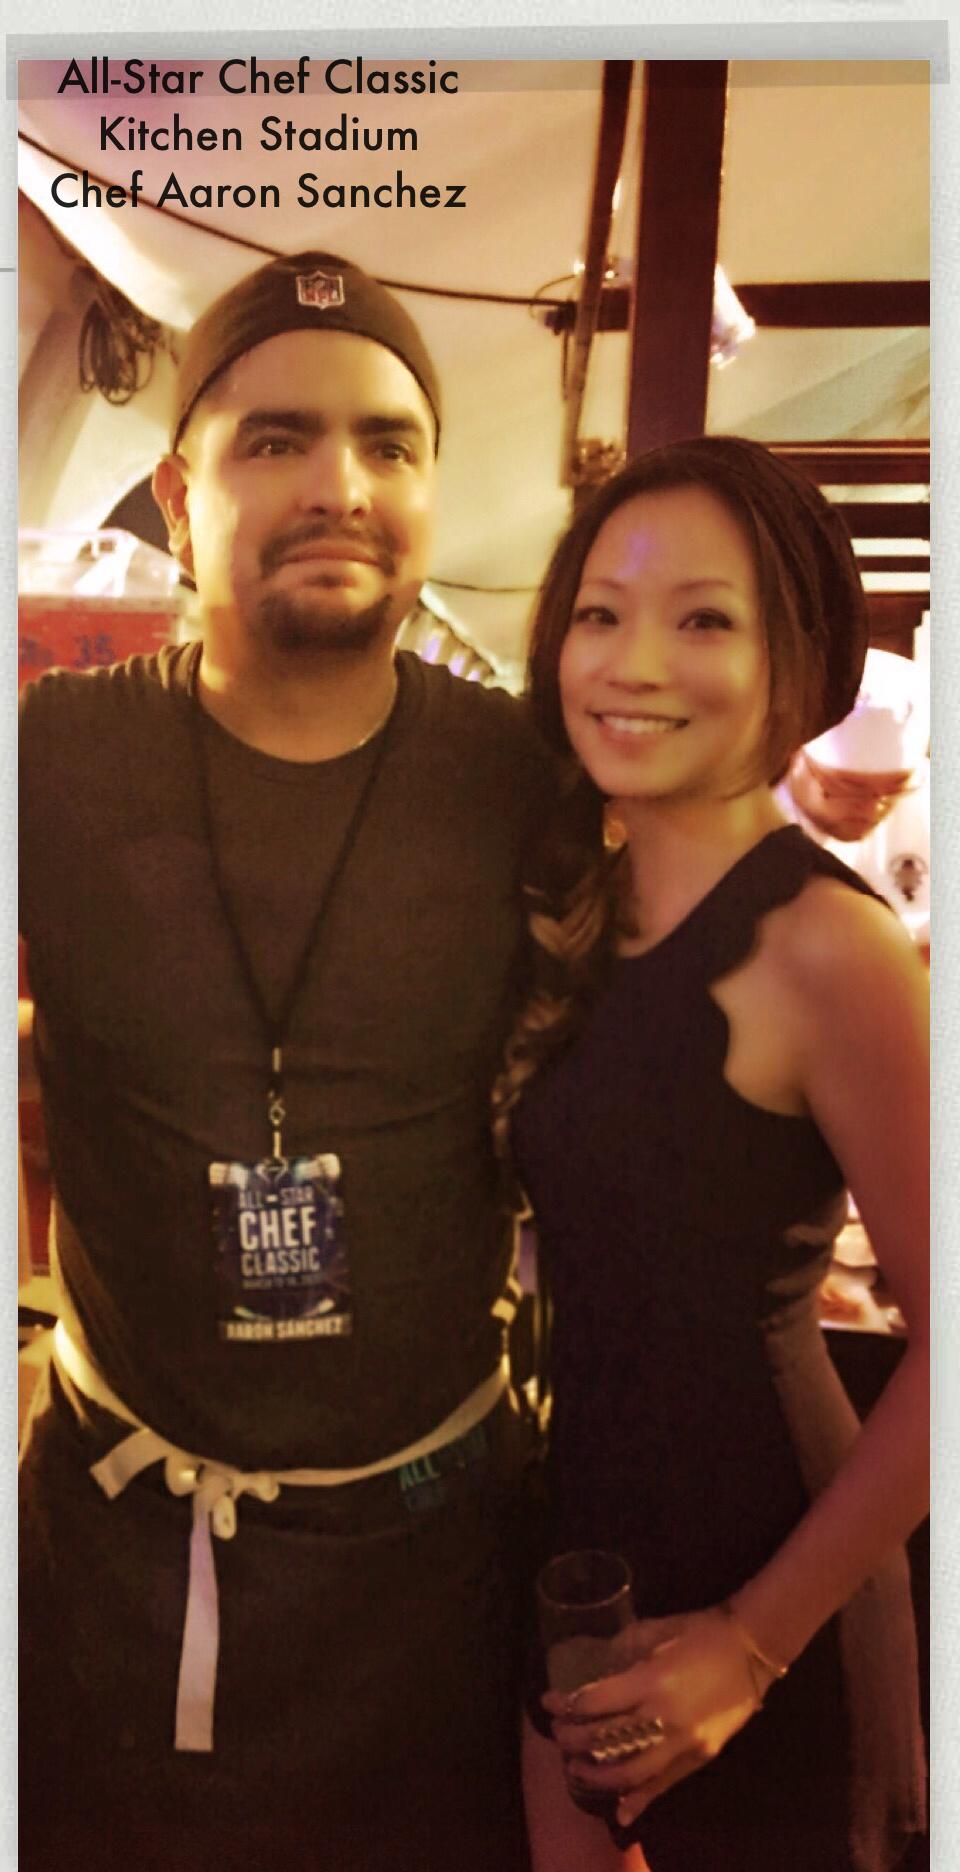 with Chef Aaron Sanchez